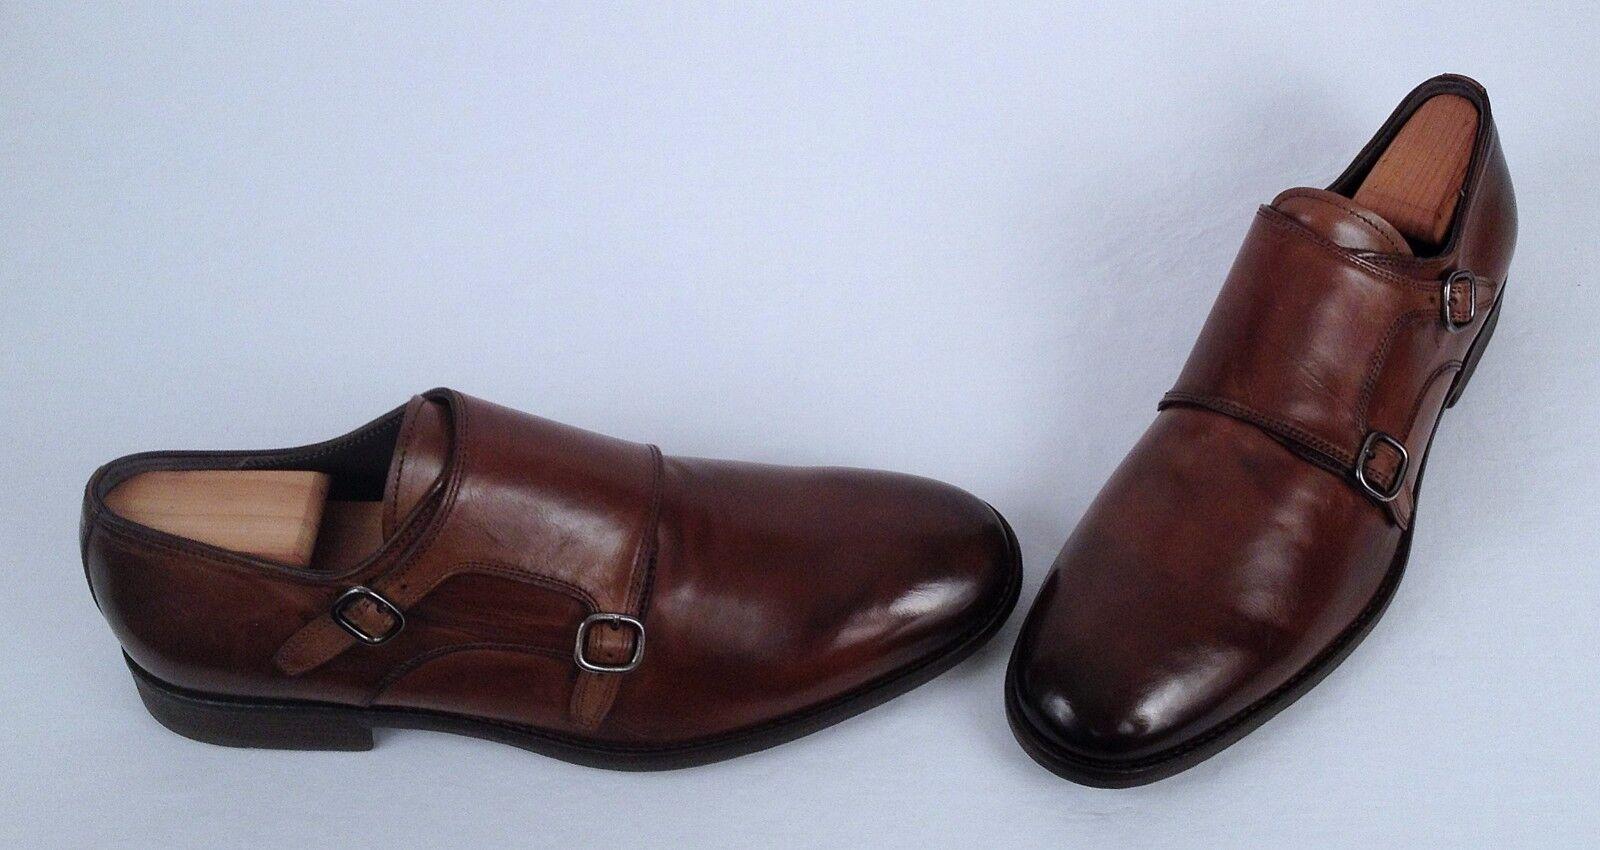 To Stiefel New York York York Double Monk Strap Loafer- braun- Größe 11 M  425 (C32) f0dbf3